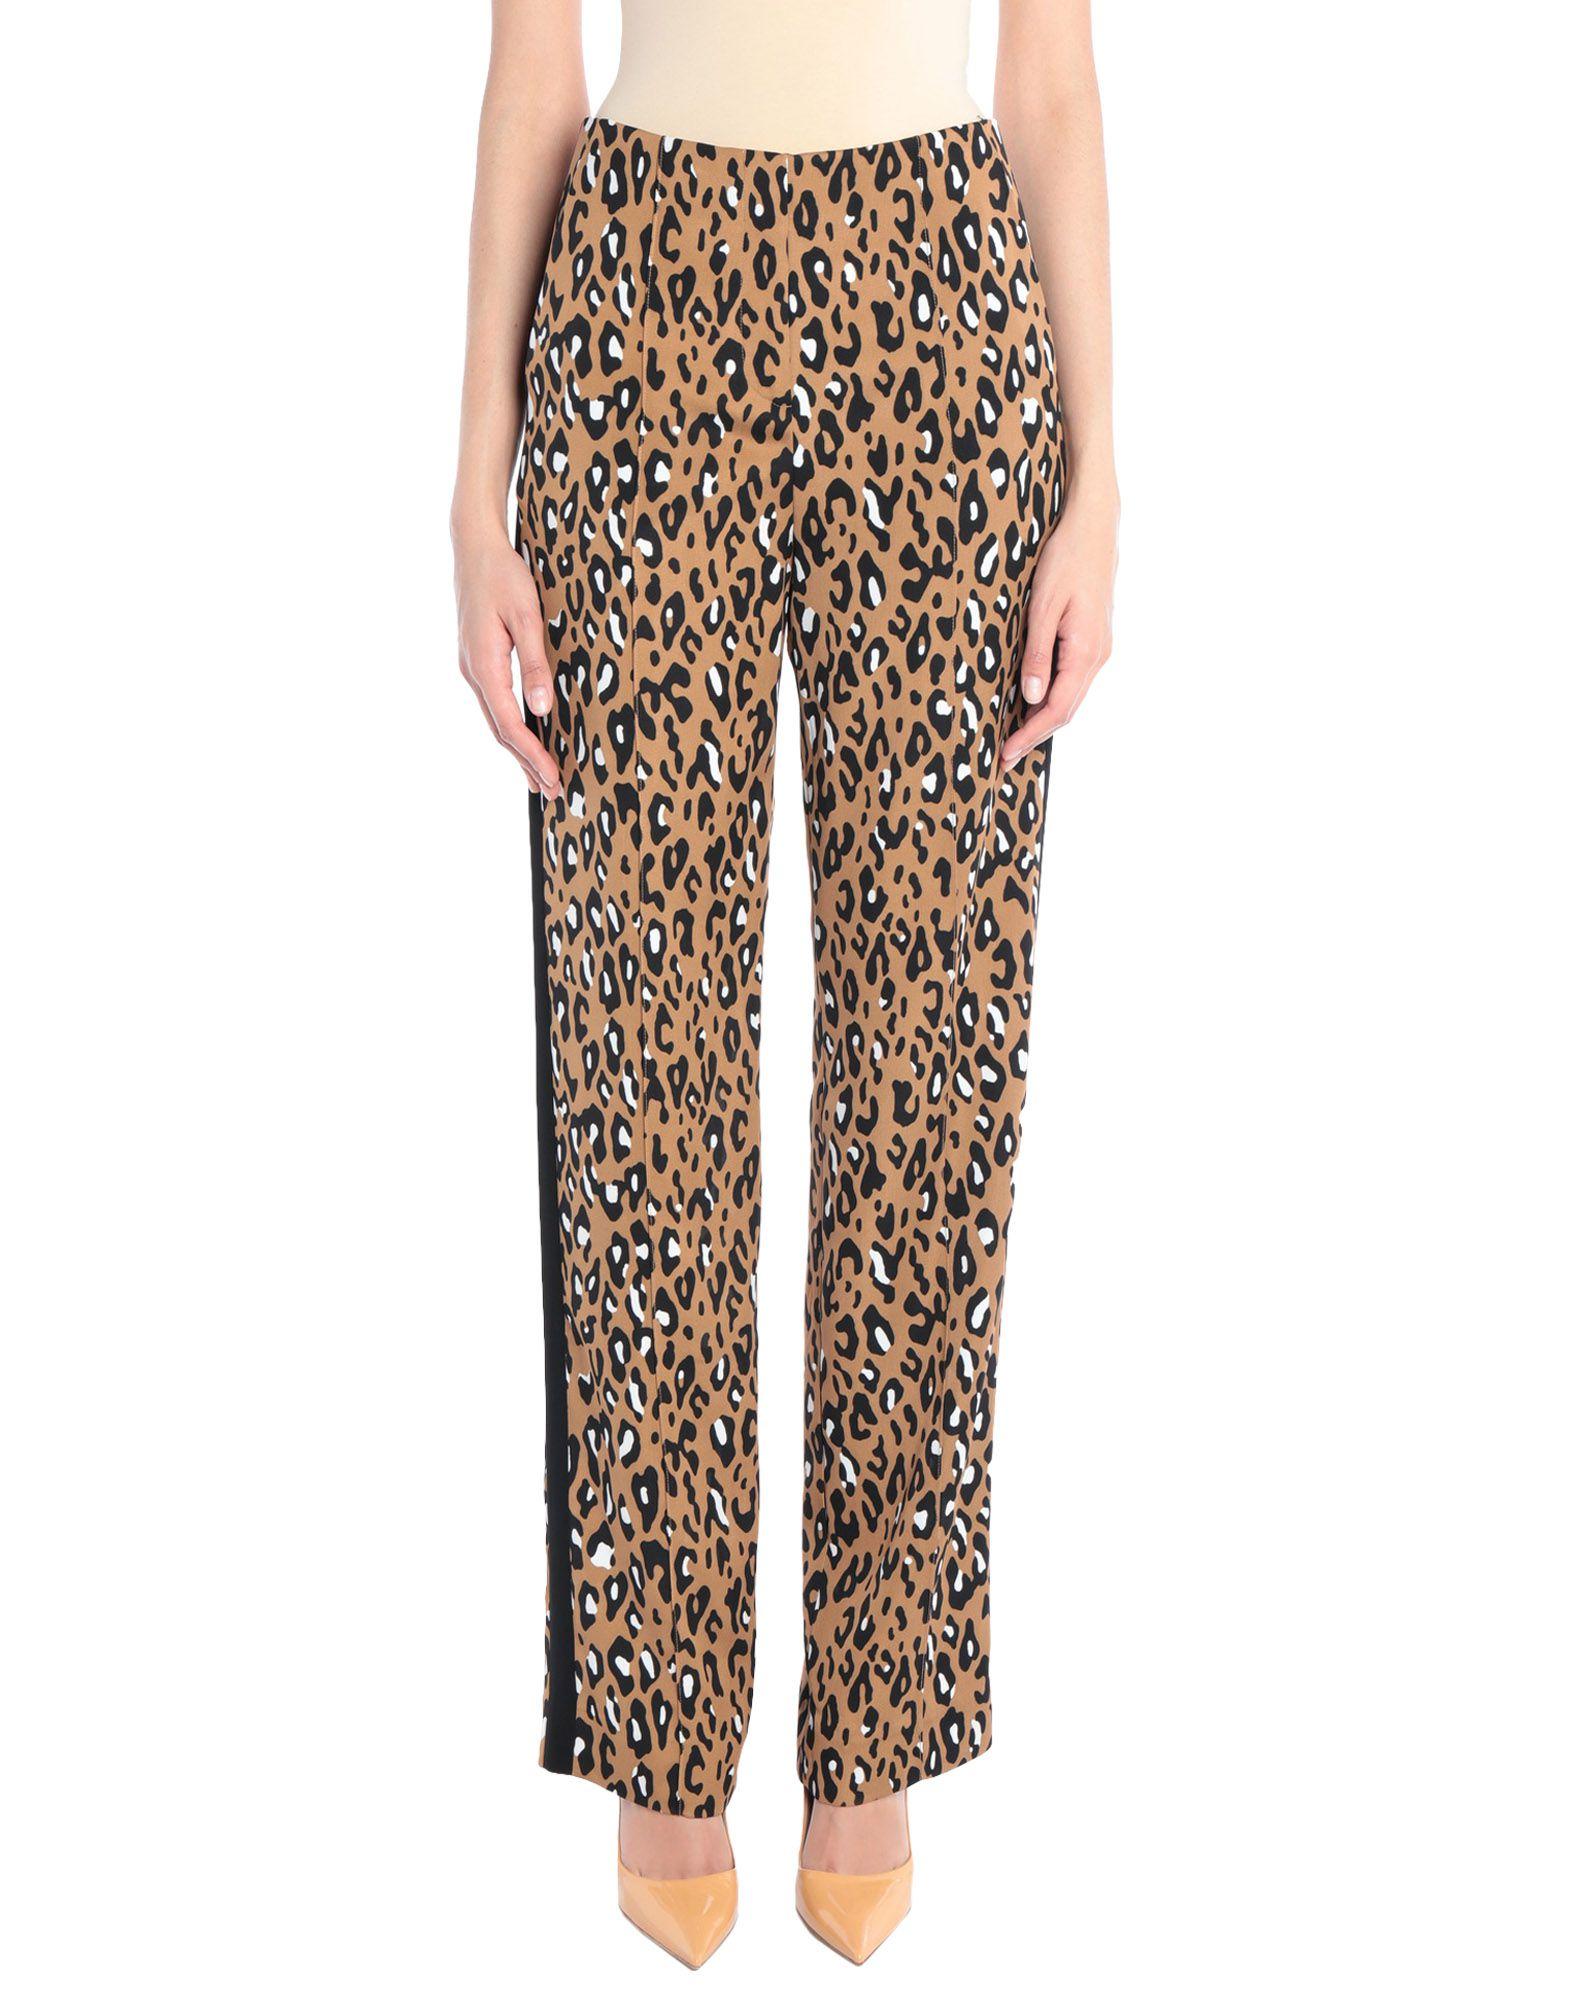 Pantalone Pantalone Diane Von Furstenberg donna - 13310807IT  Willkommen zu kaufen